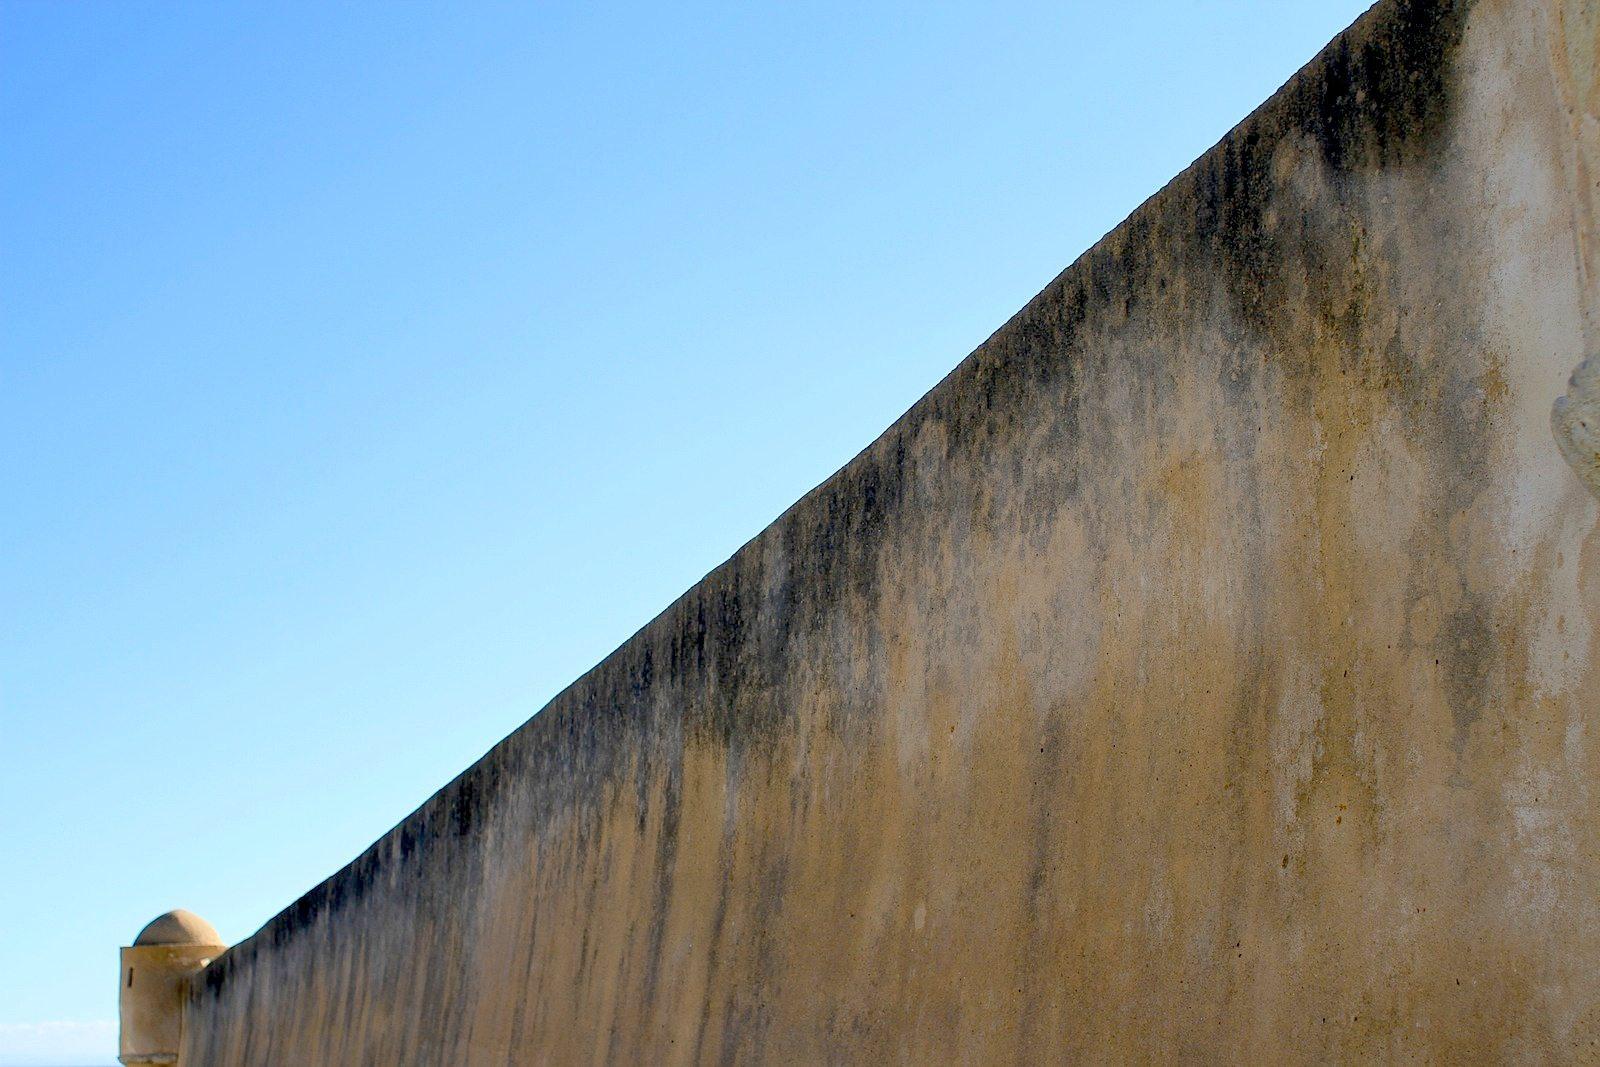 Festung S. Jorge Oitavos. Die Wehranlage ist Teil des Barrio dos Museus. Er liegt zwar einige Kilometer außerhalb des Kerns des Museumsquartiers, aber der Weg entlang der schroffen Küstenlandschaft lohnt sich.